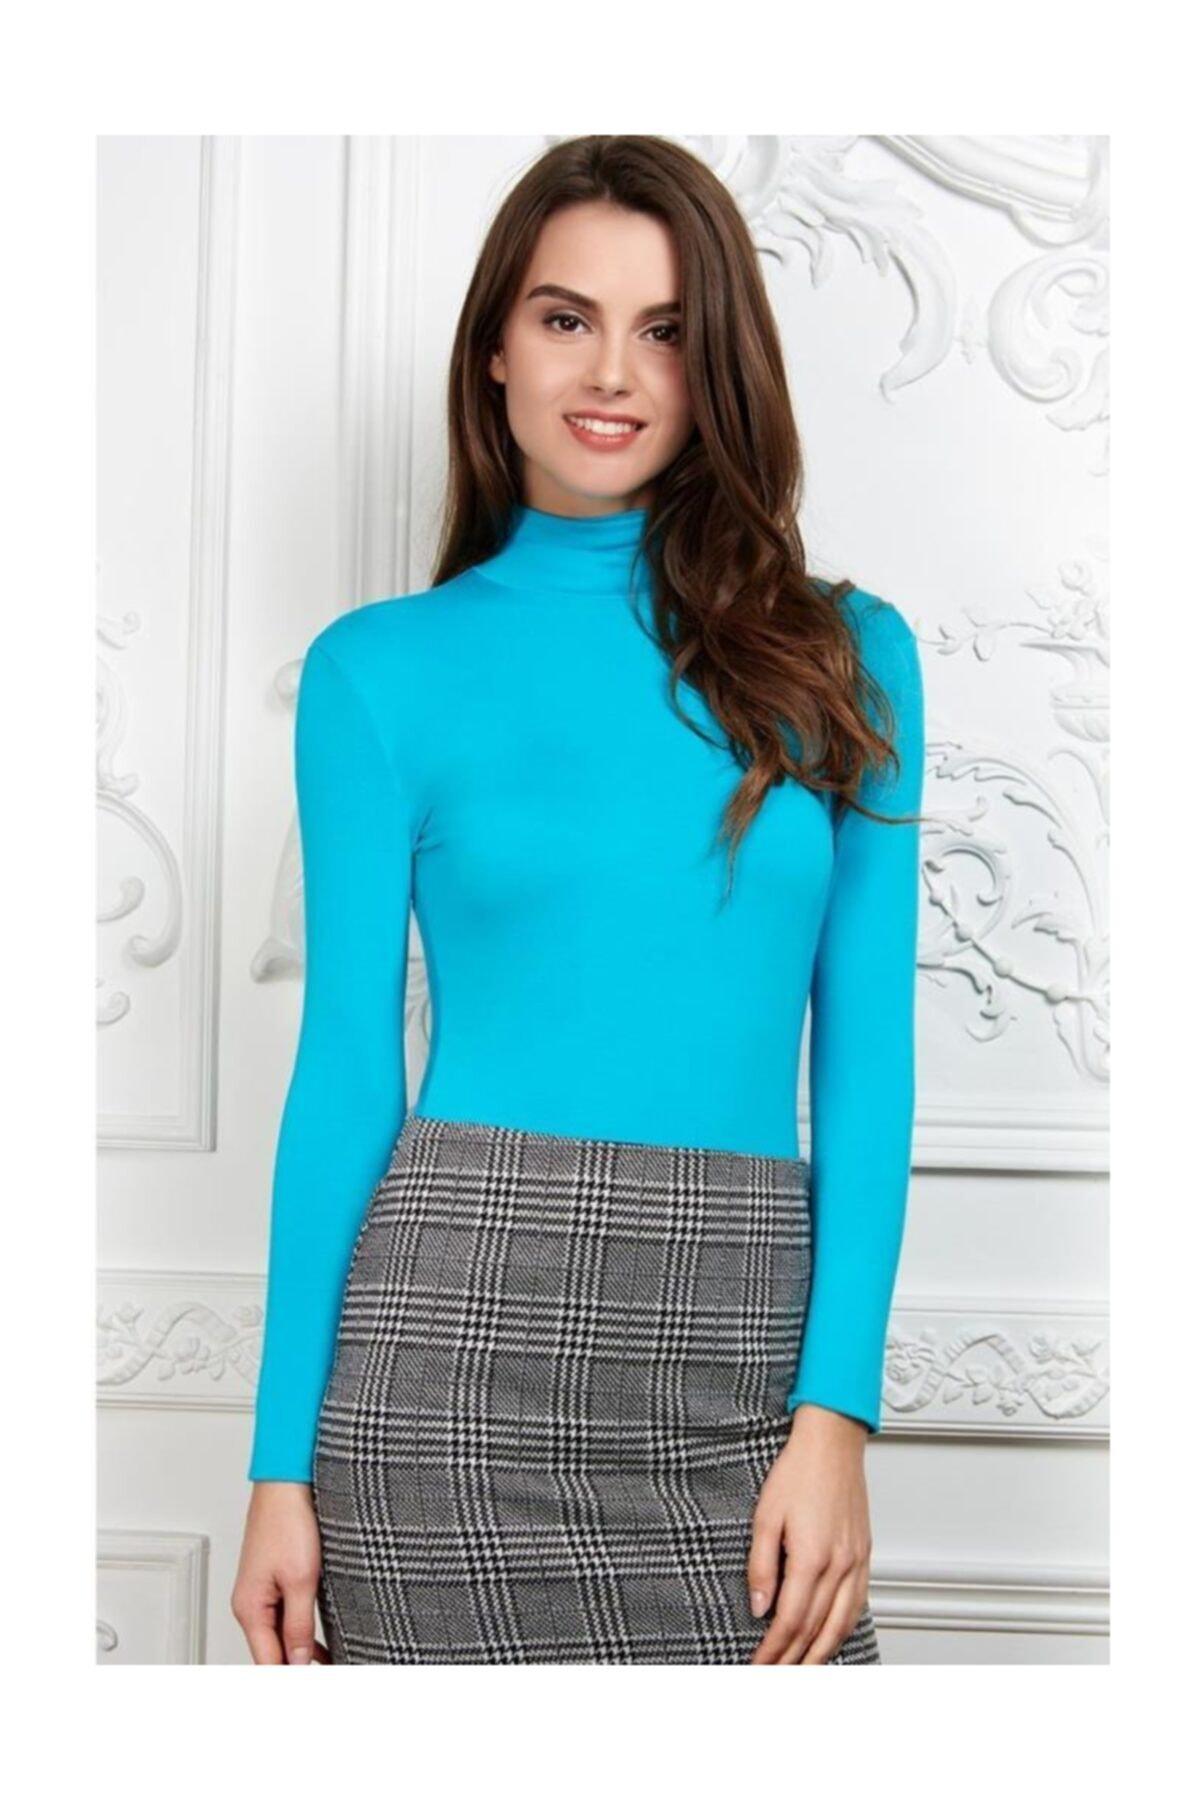 Faberlic Mavi Açık Renkli Kadınlar Için Boğazlı Body Xxl (50-52) 1